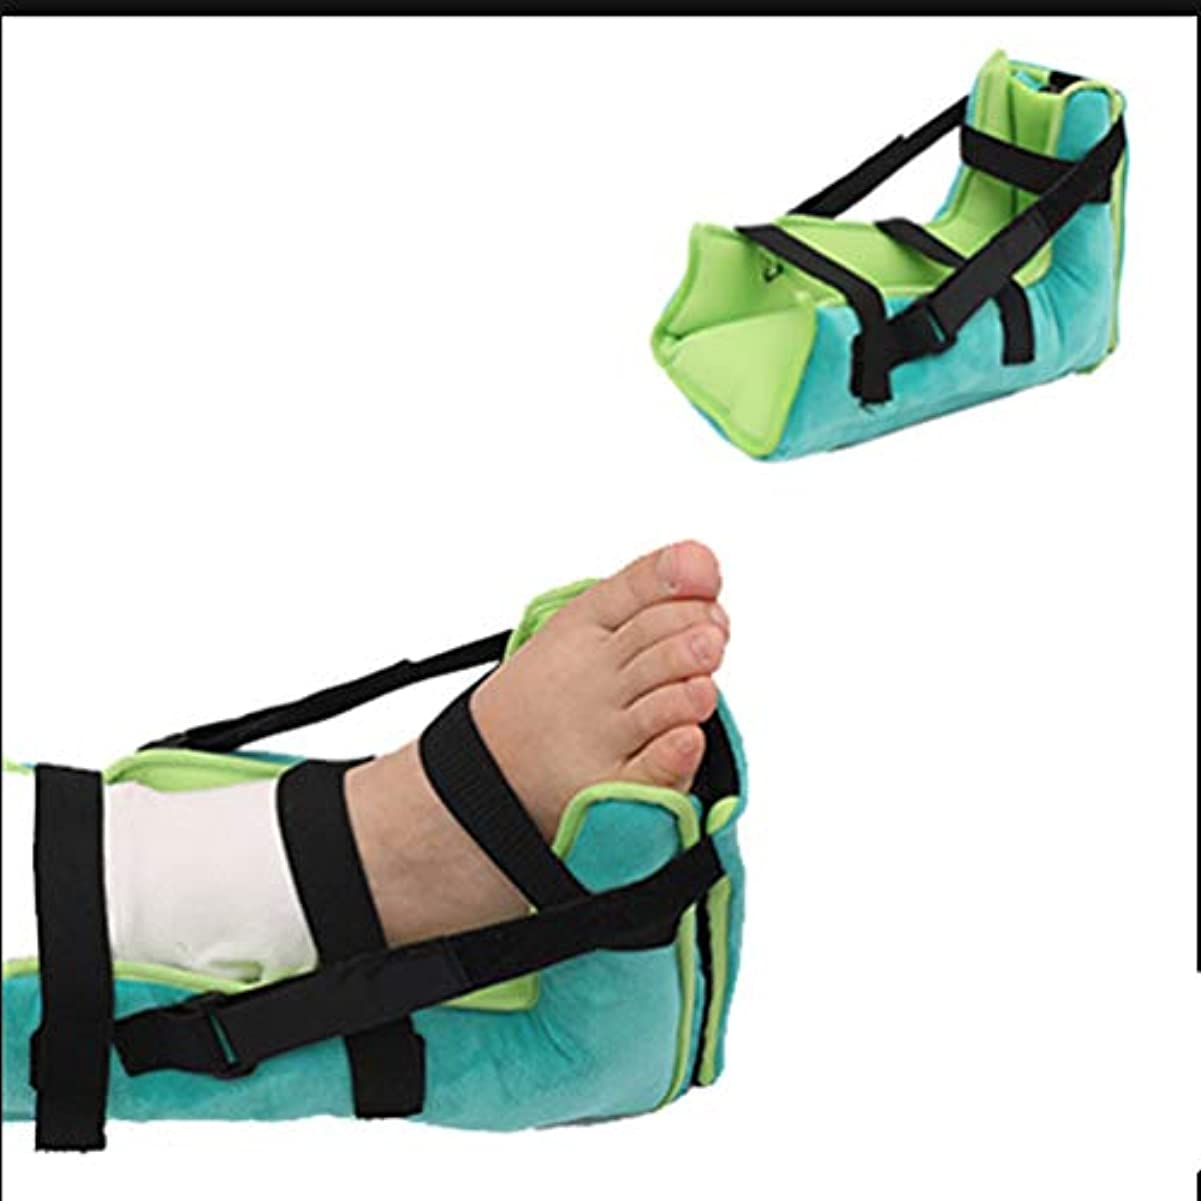 再発する却下する地下鉄柔らかい快適なかかと保護足枕反Anti瘡かかとプロテクターオープン足ドループ装具減圧ストローク反足保護スリーブ